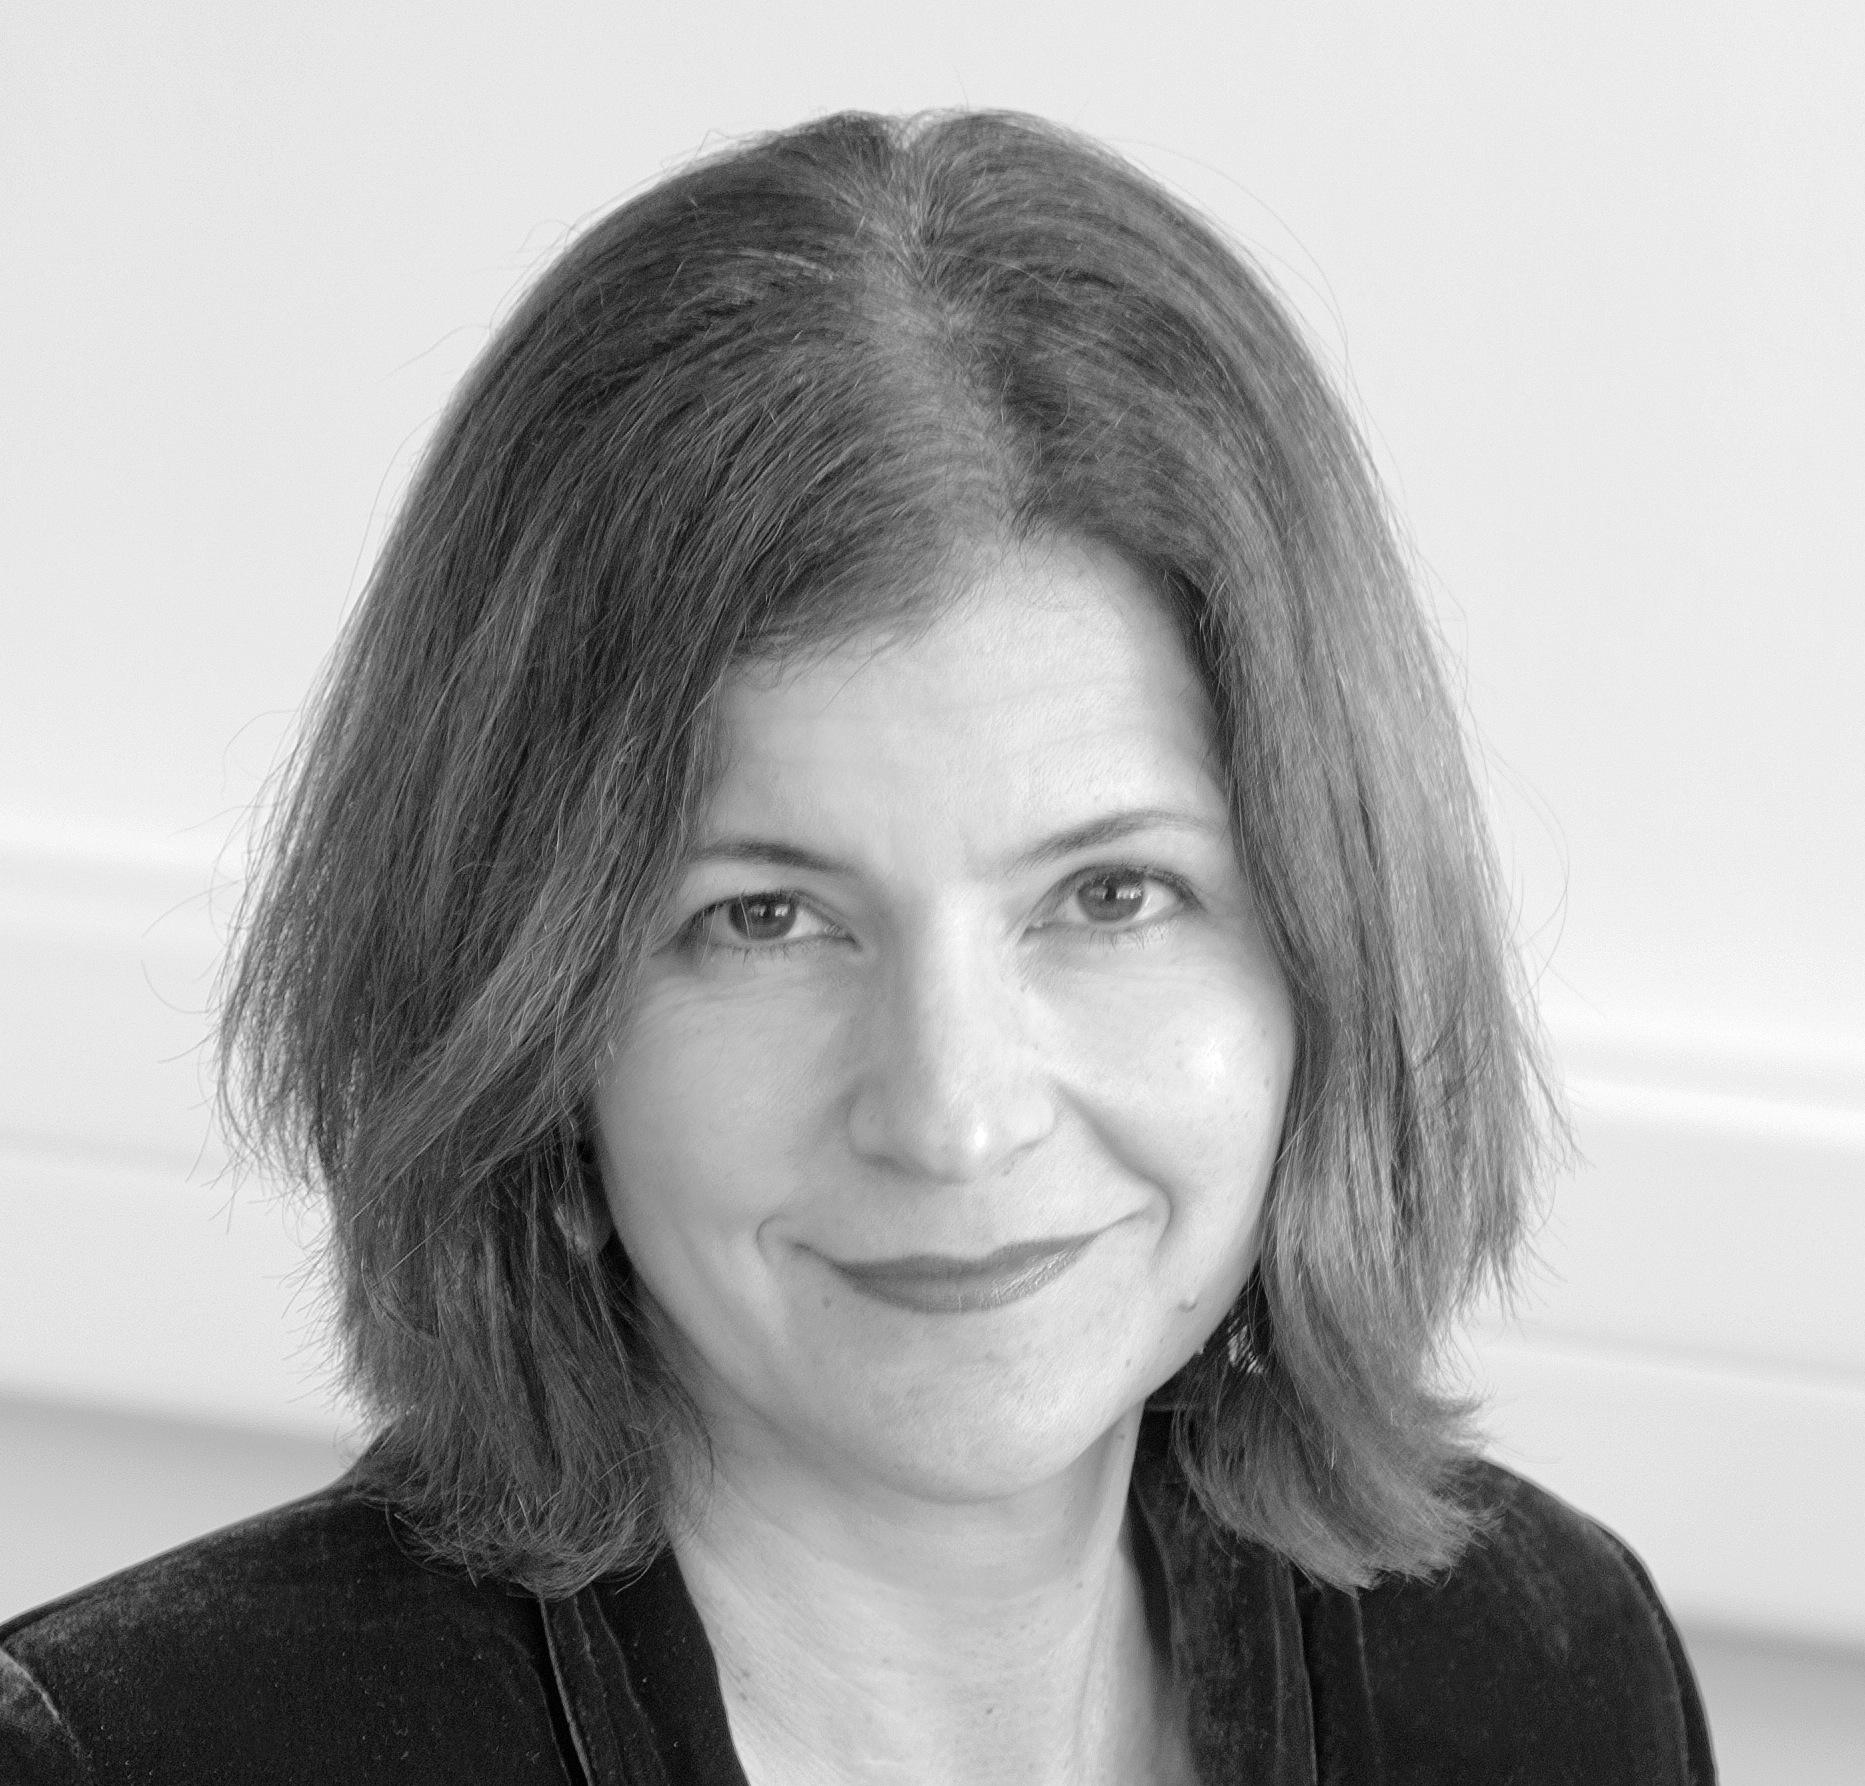 Μαρία Σταυροπούλου